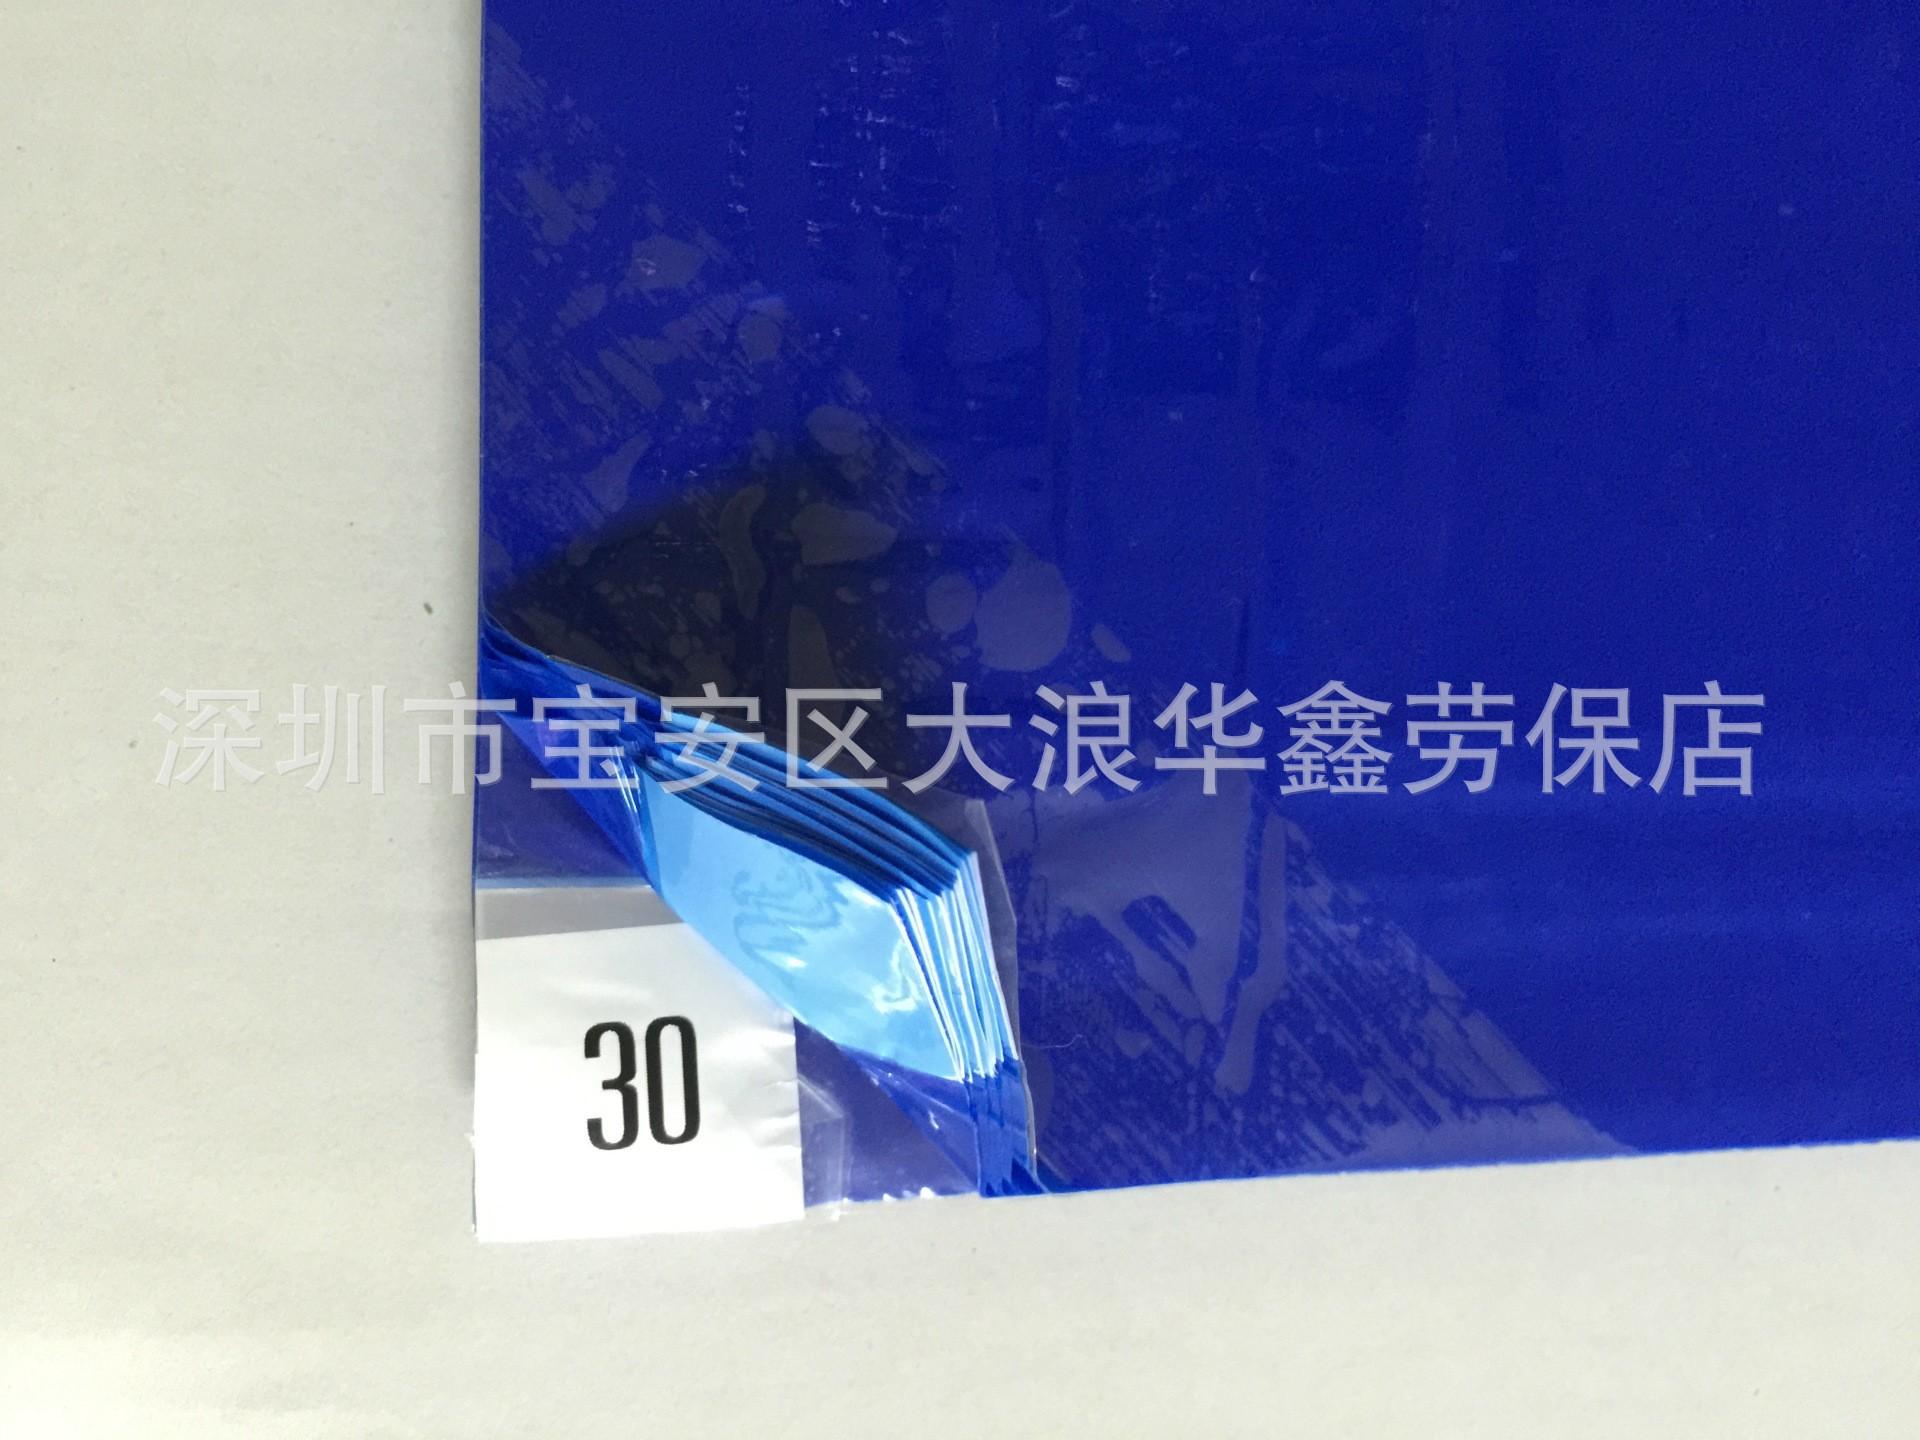 专业生产蓝色粘尘垫 hxlbfjd 台垫粘尘垫 蓝、白、黄